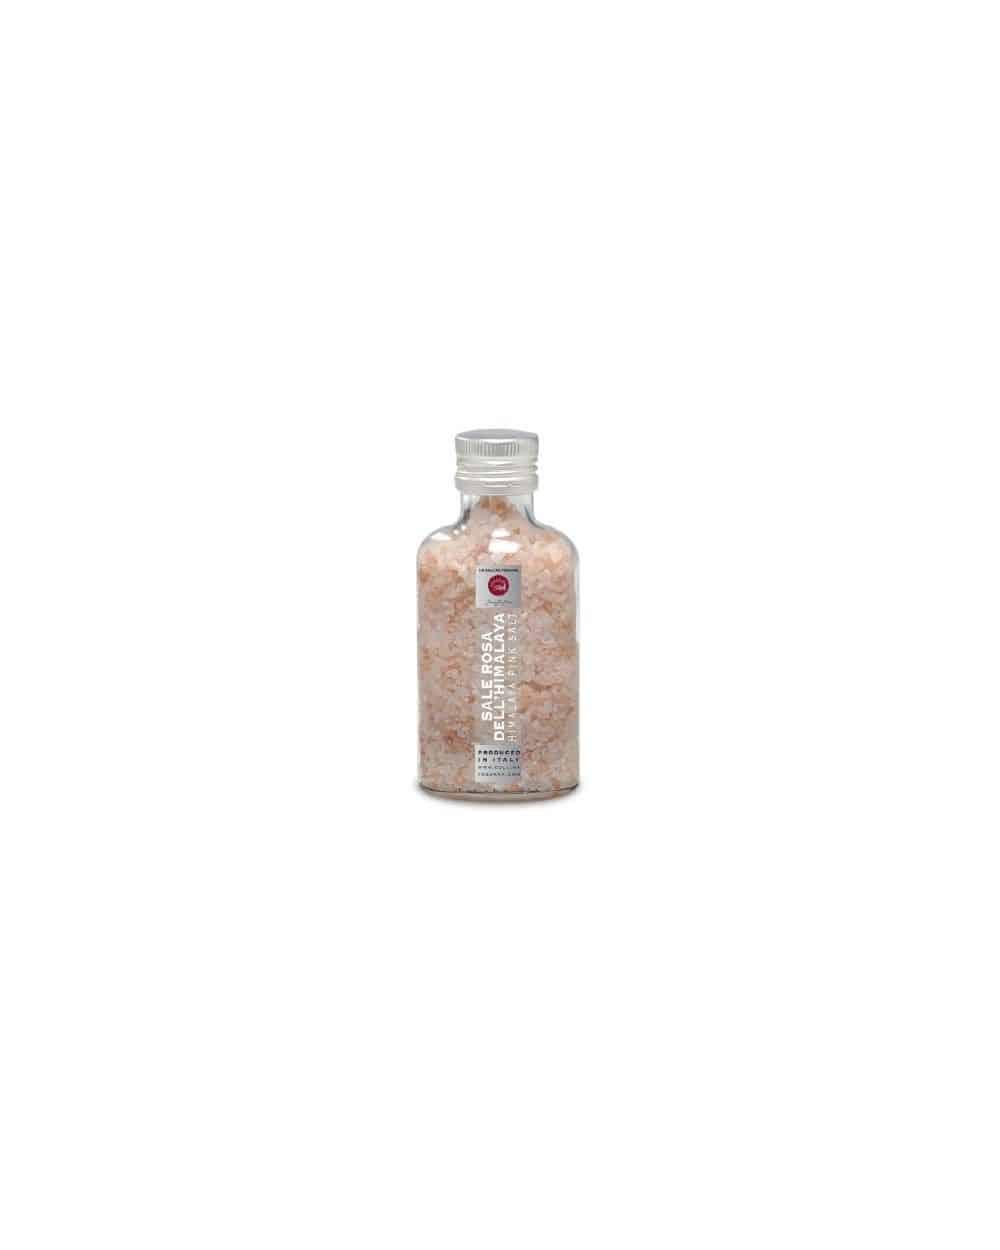 Moulin et pot en verre de sel rose de l'Himalaya 270g